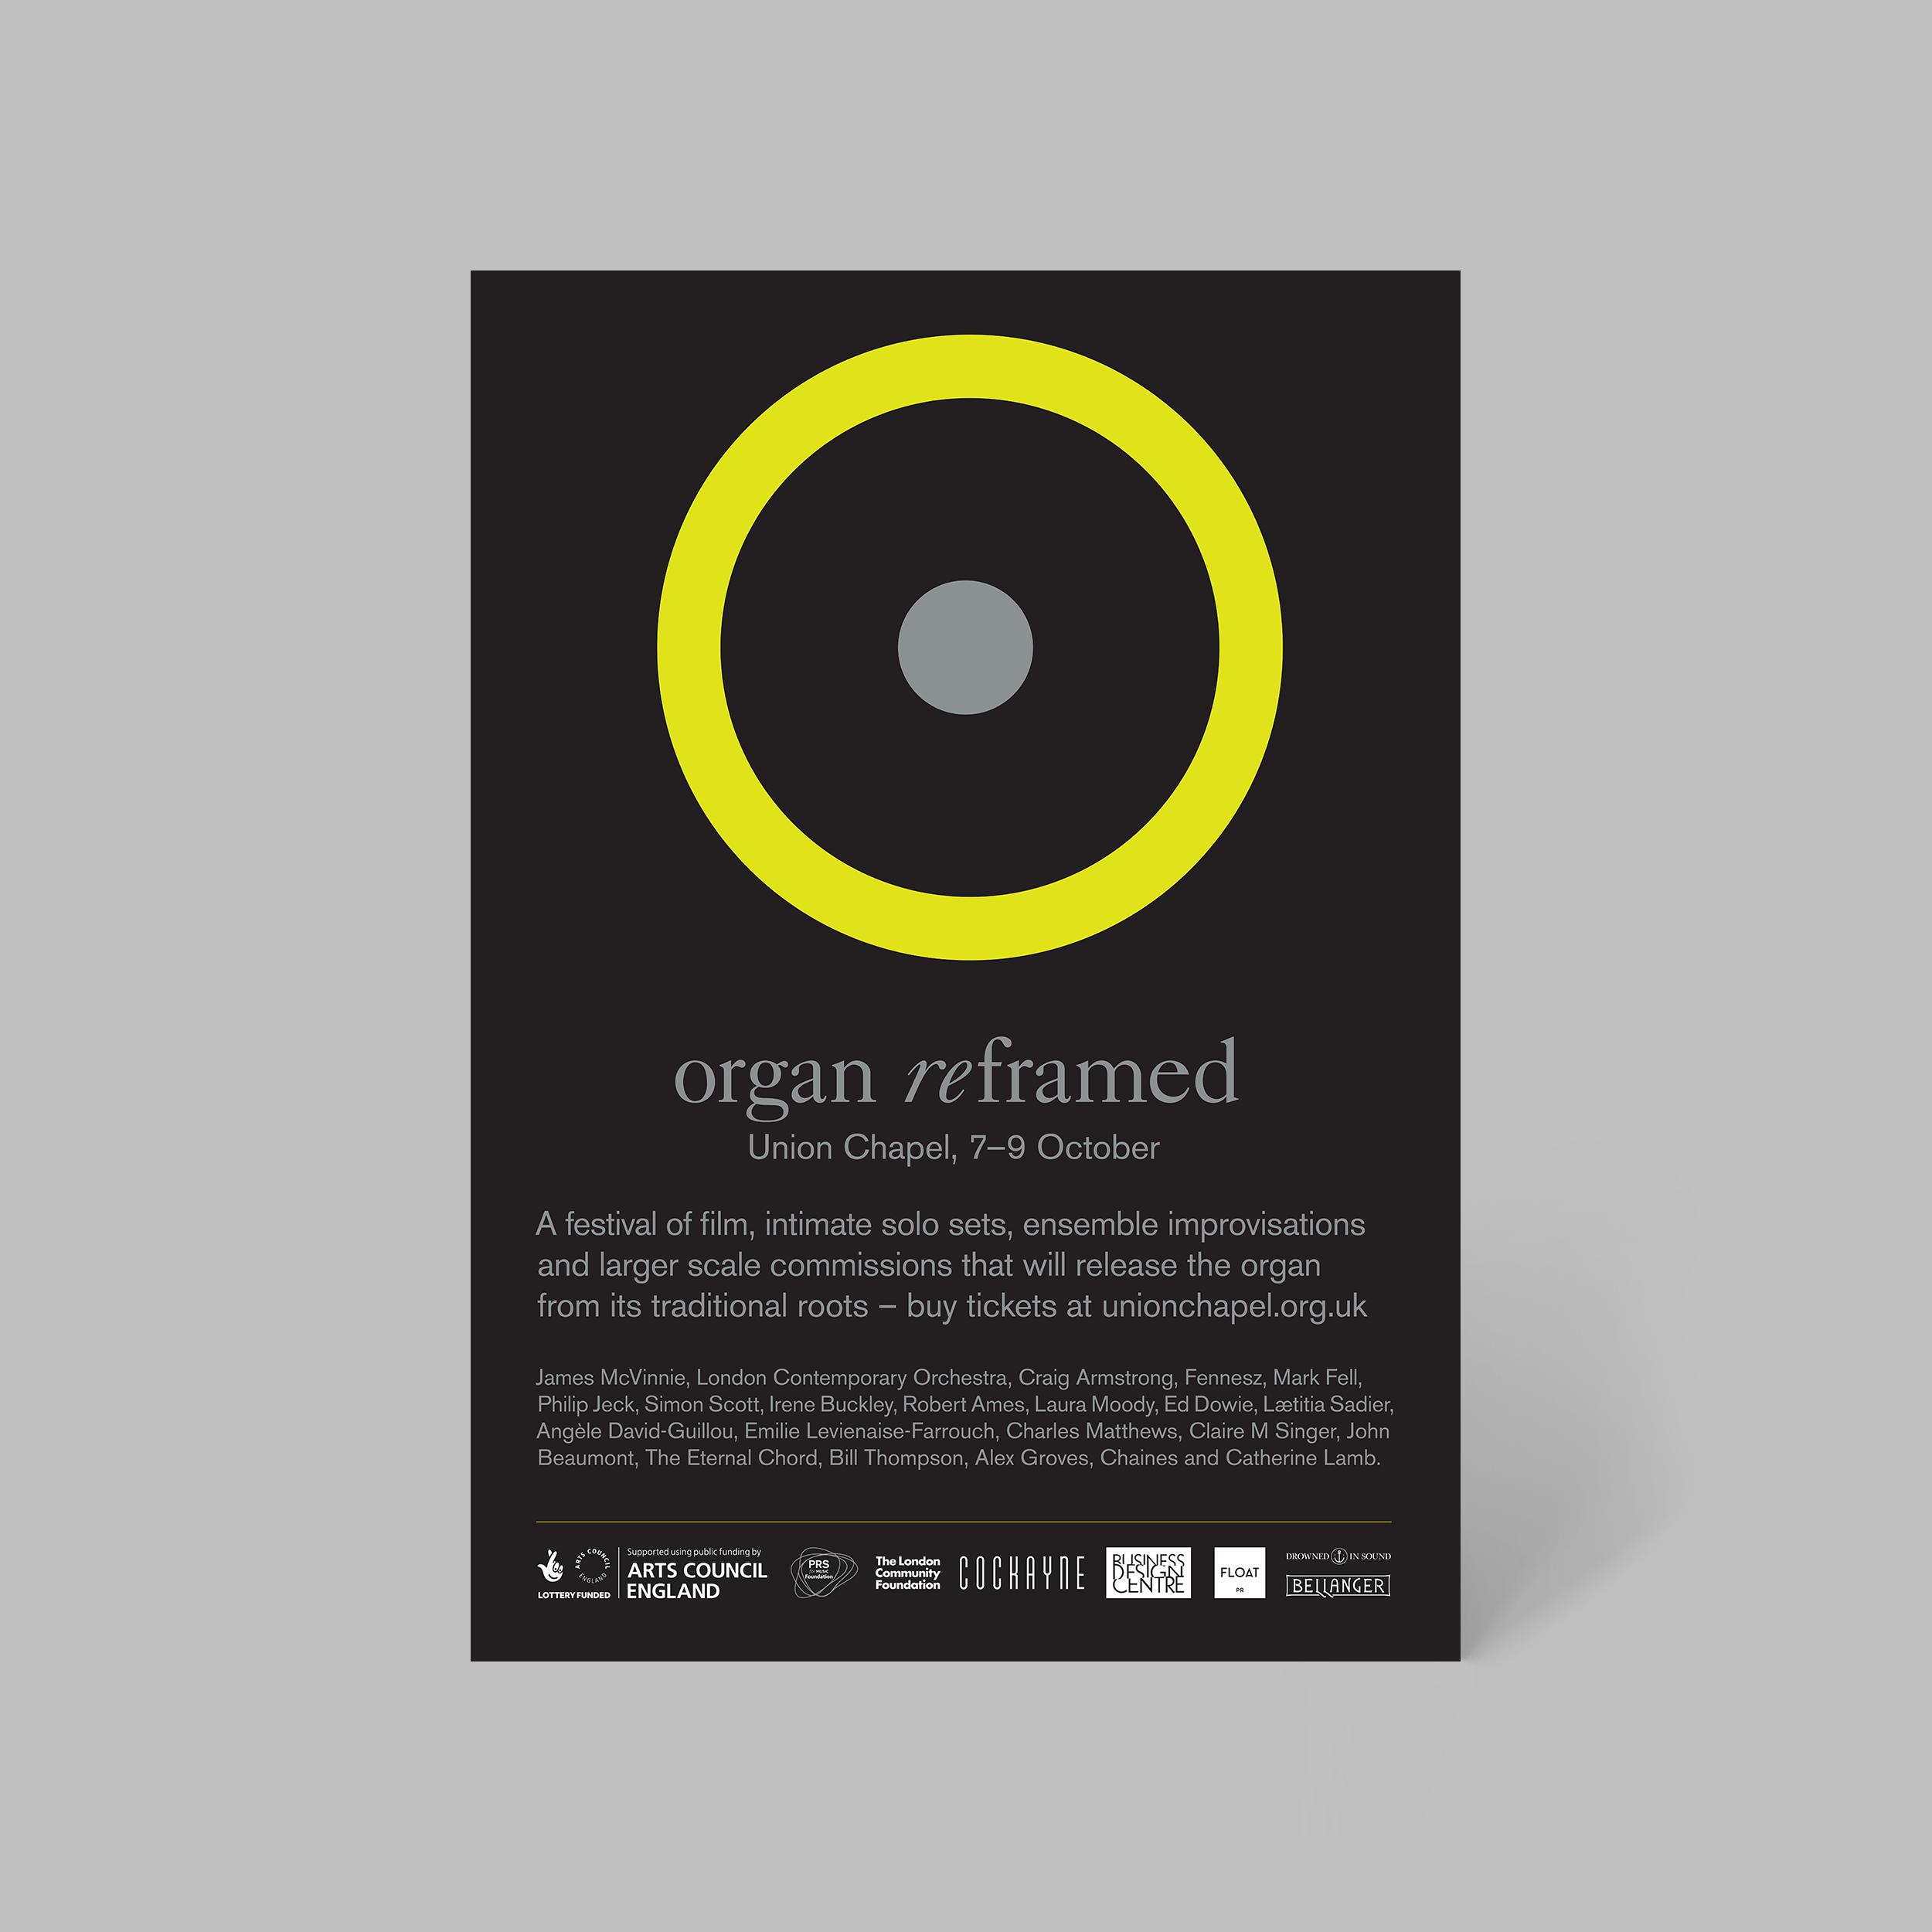 Organ Reframed